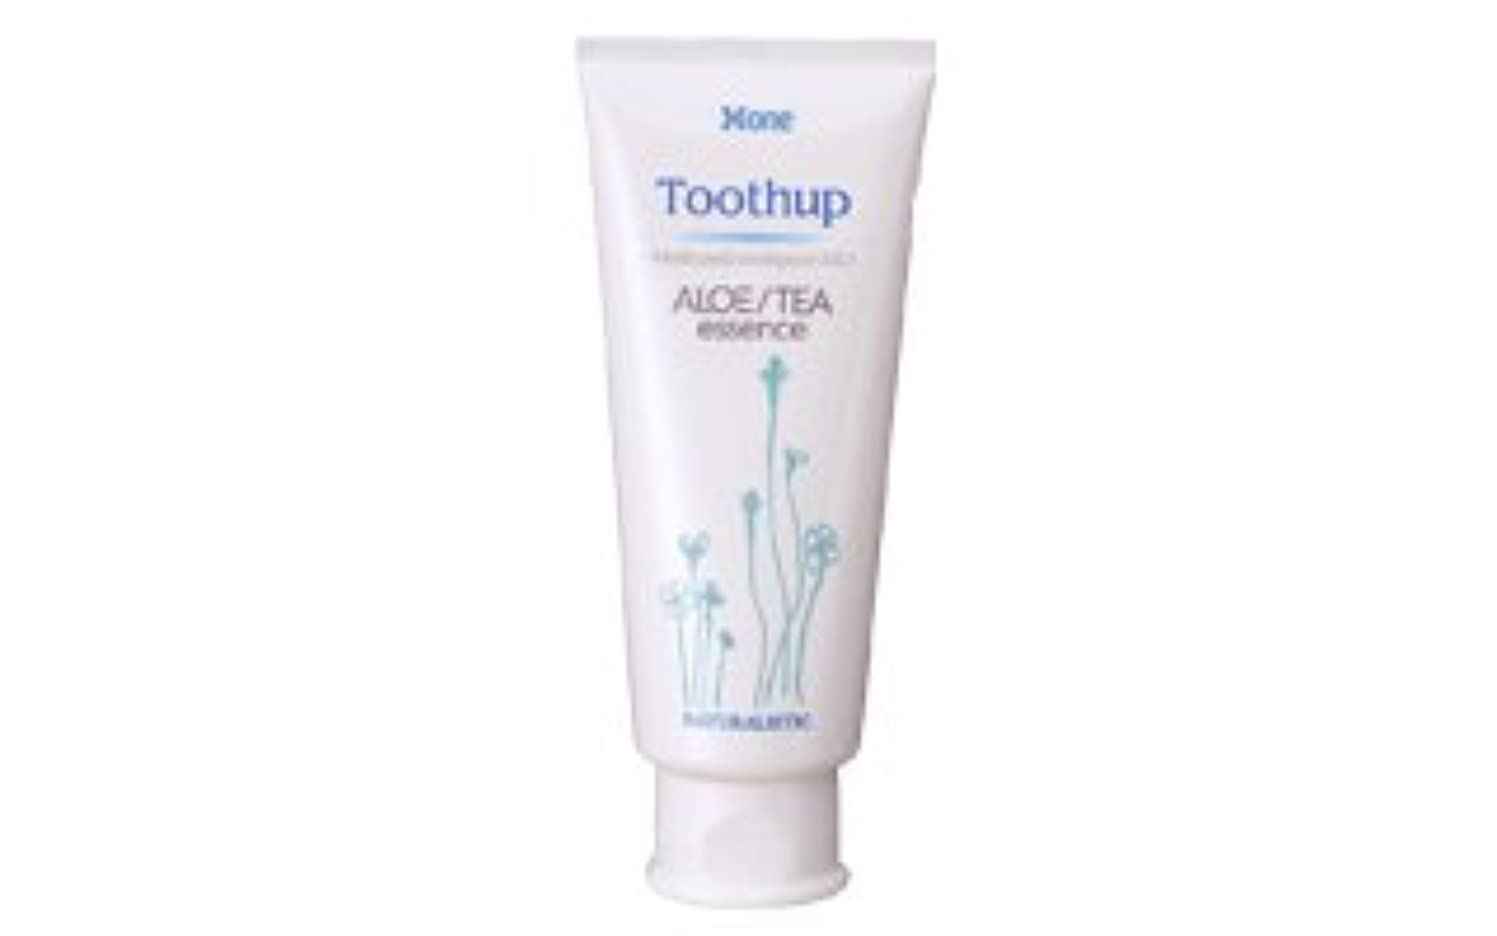 ポスター致命的コマーストゥーサップ 薬用歯みがき MD 虫歯予防?消臭(150g)